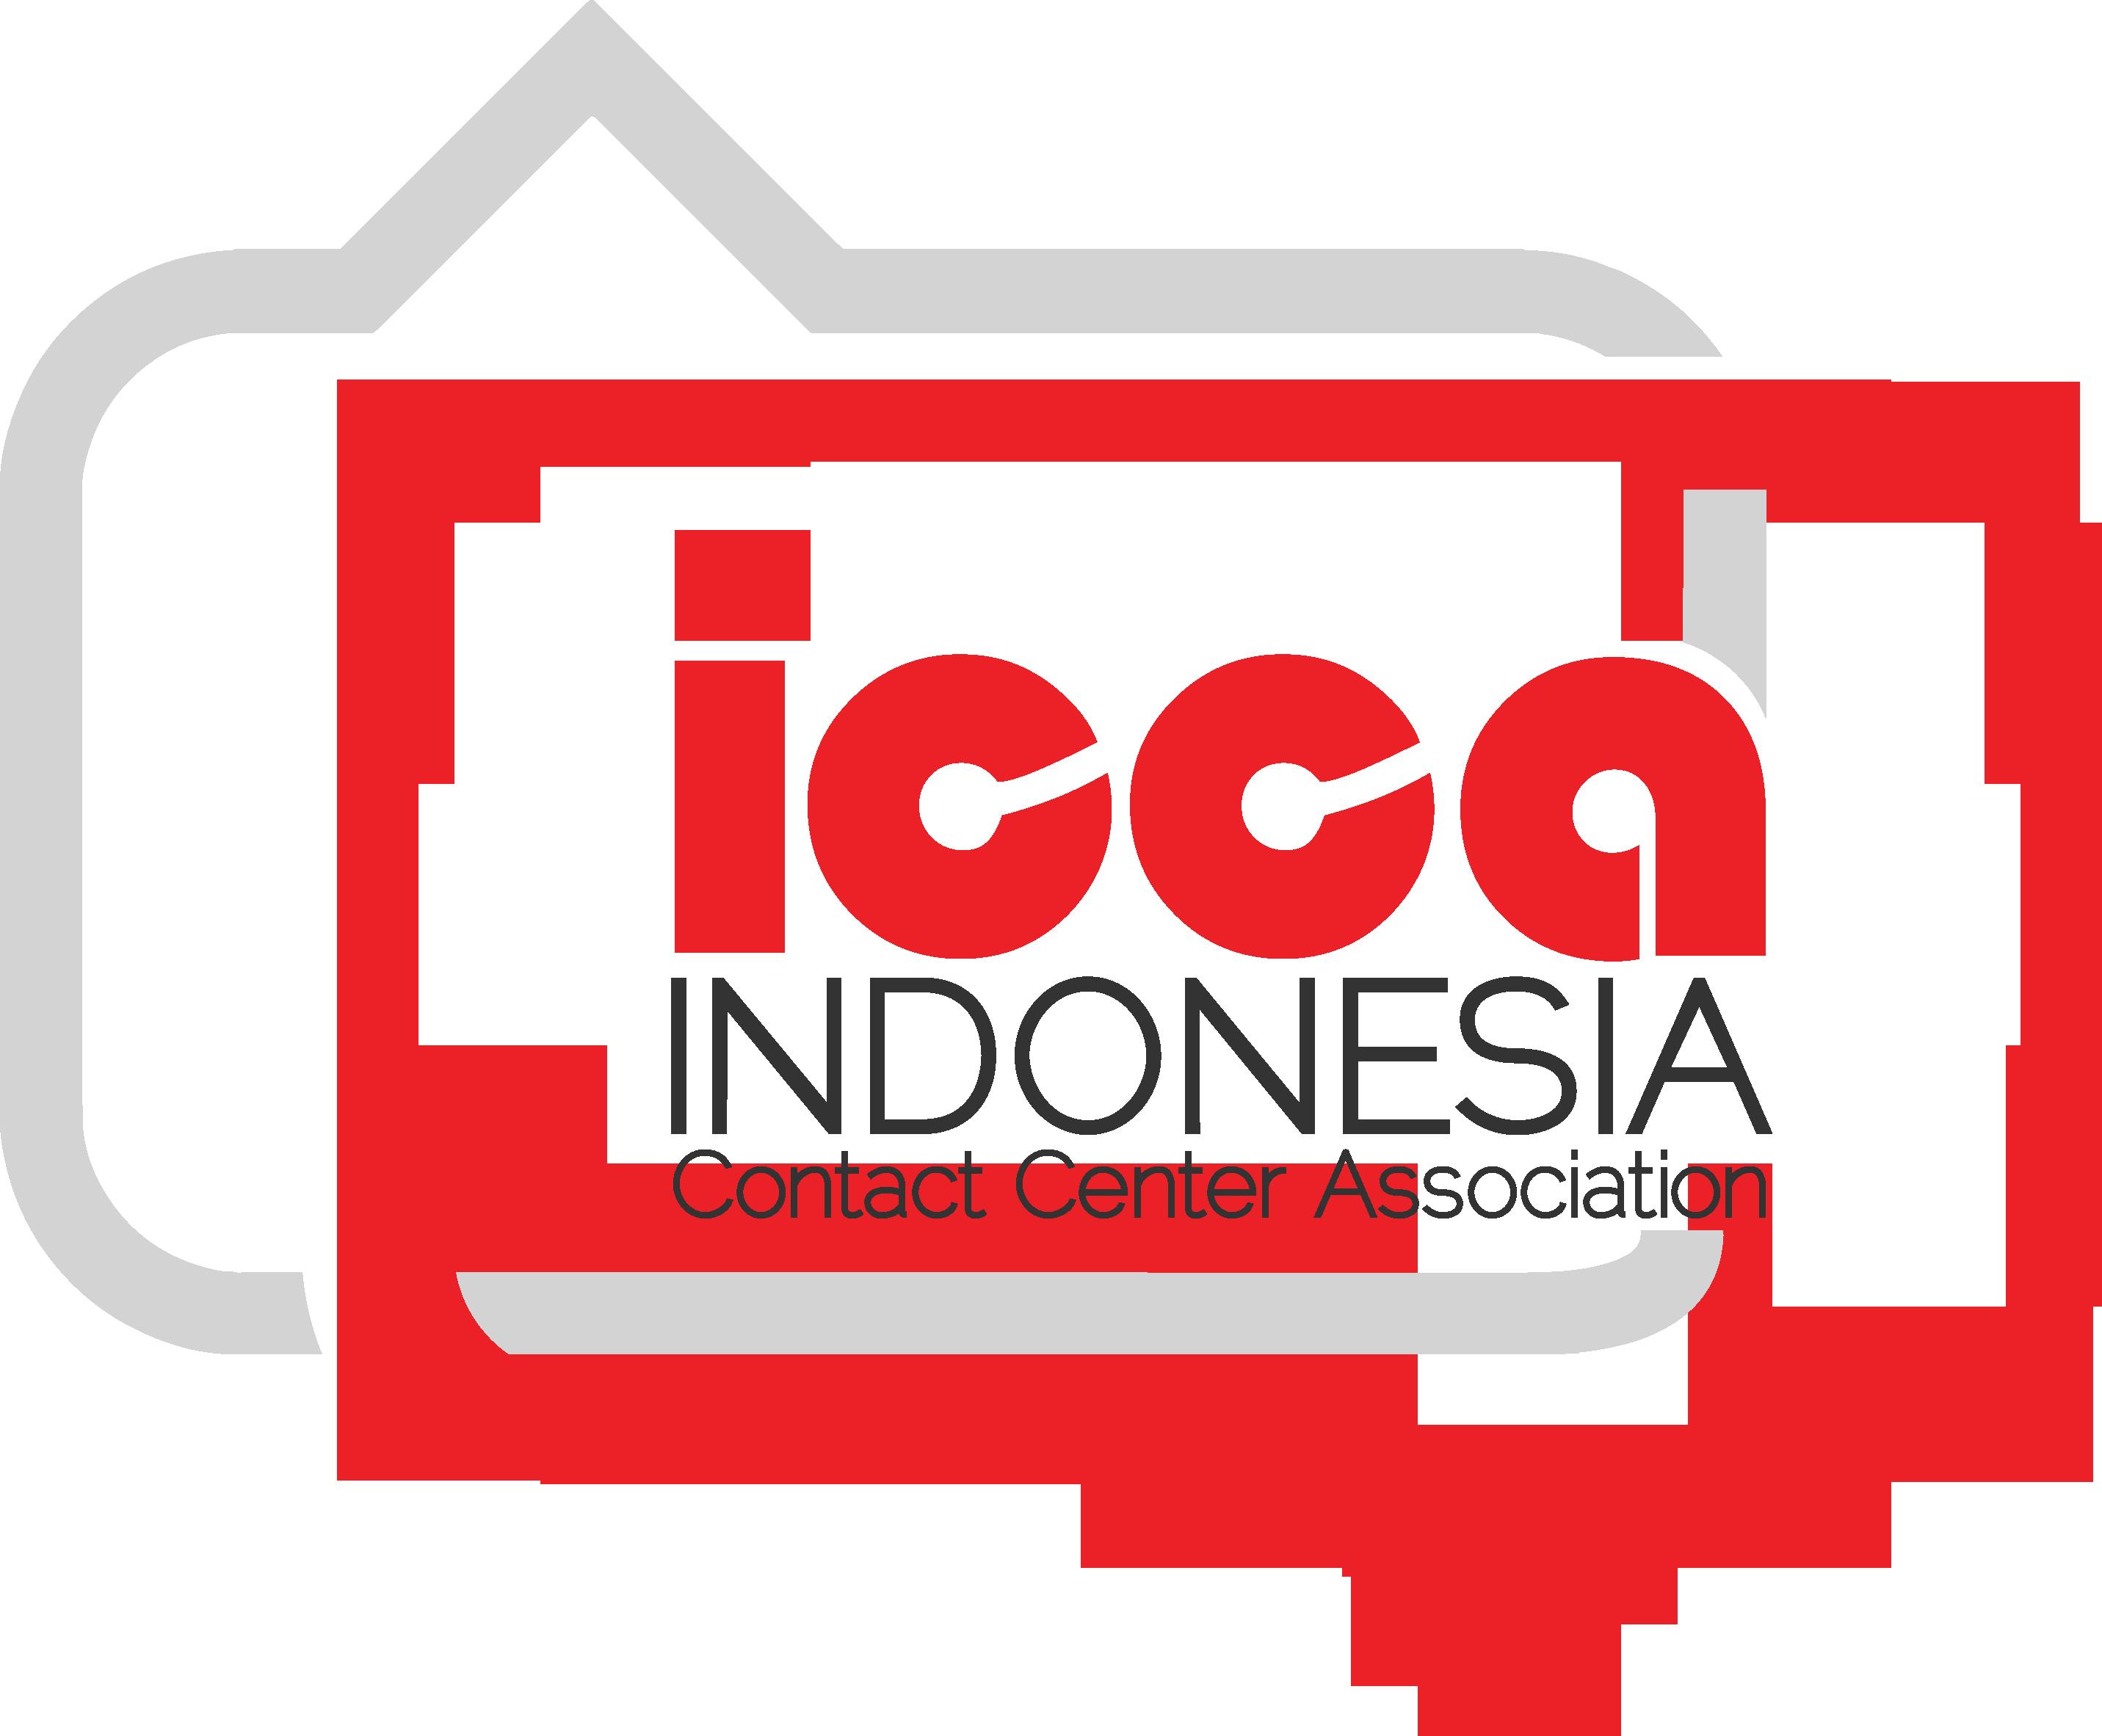 Logo Tbcci 2018 – animesubindo co